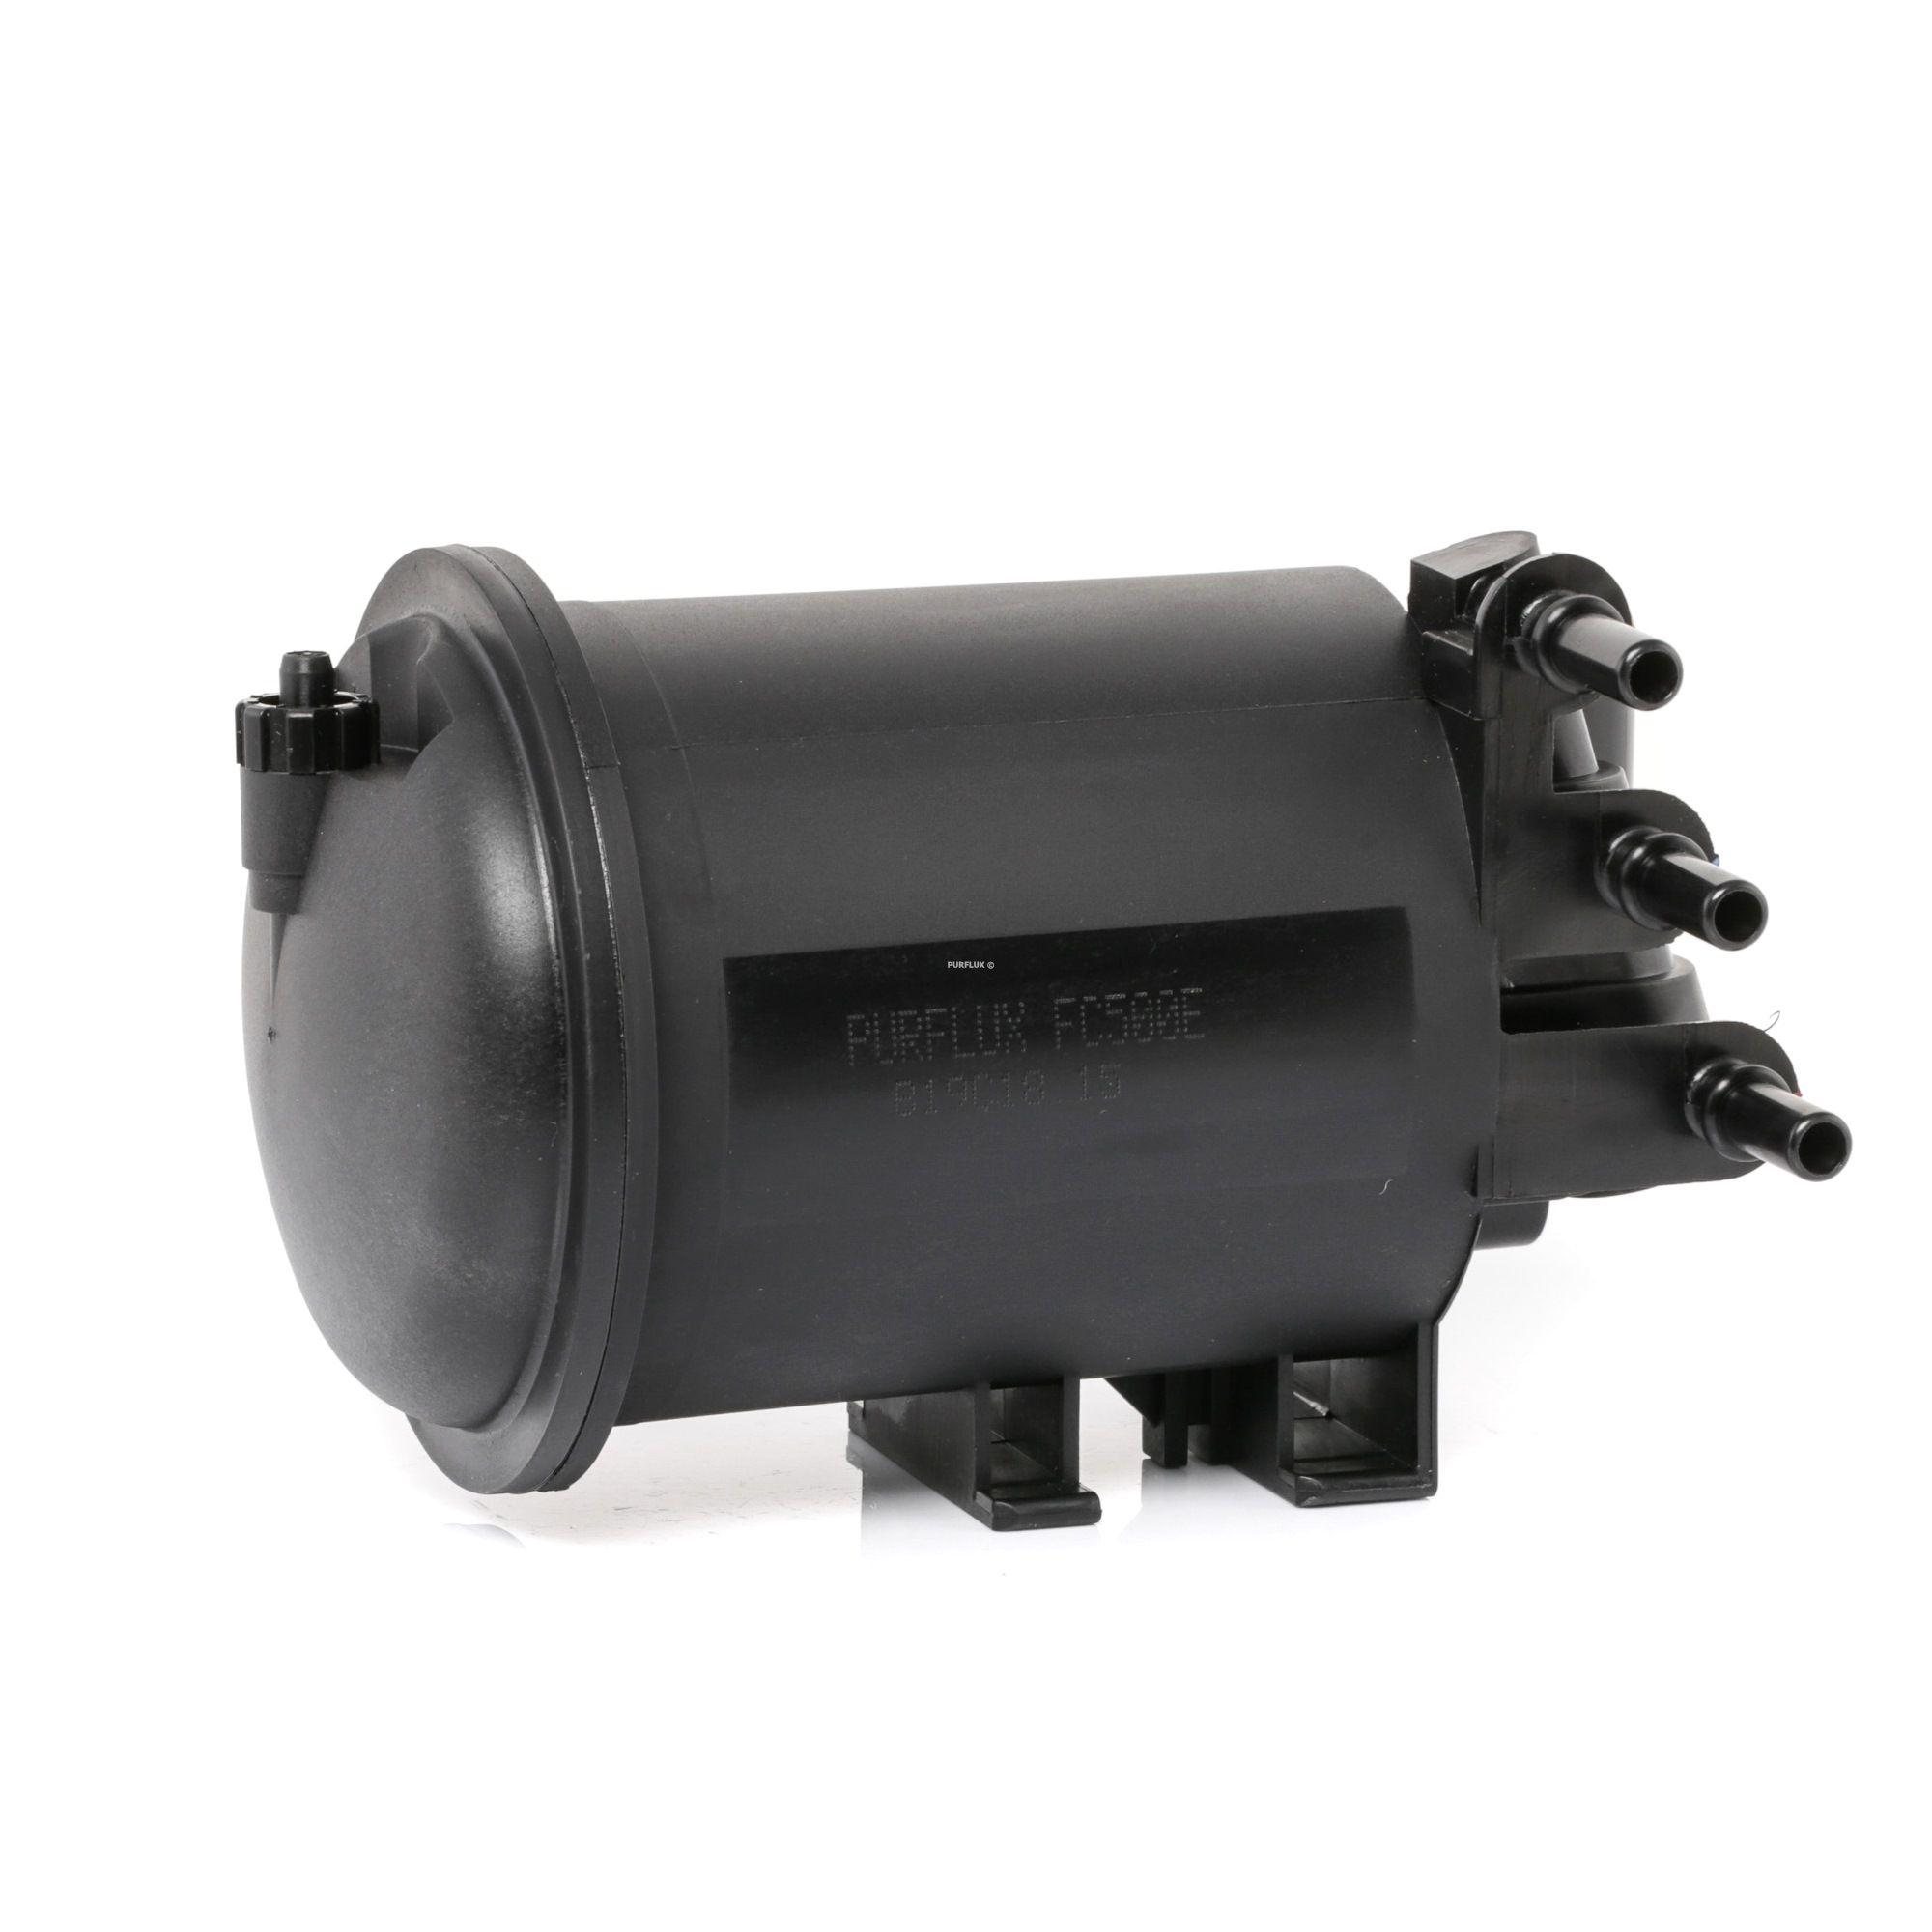 Origine Filtre à carburant PURFLUX FC500E (Hauteur: 166mm)